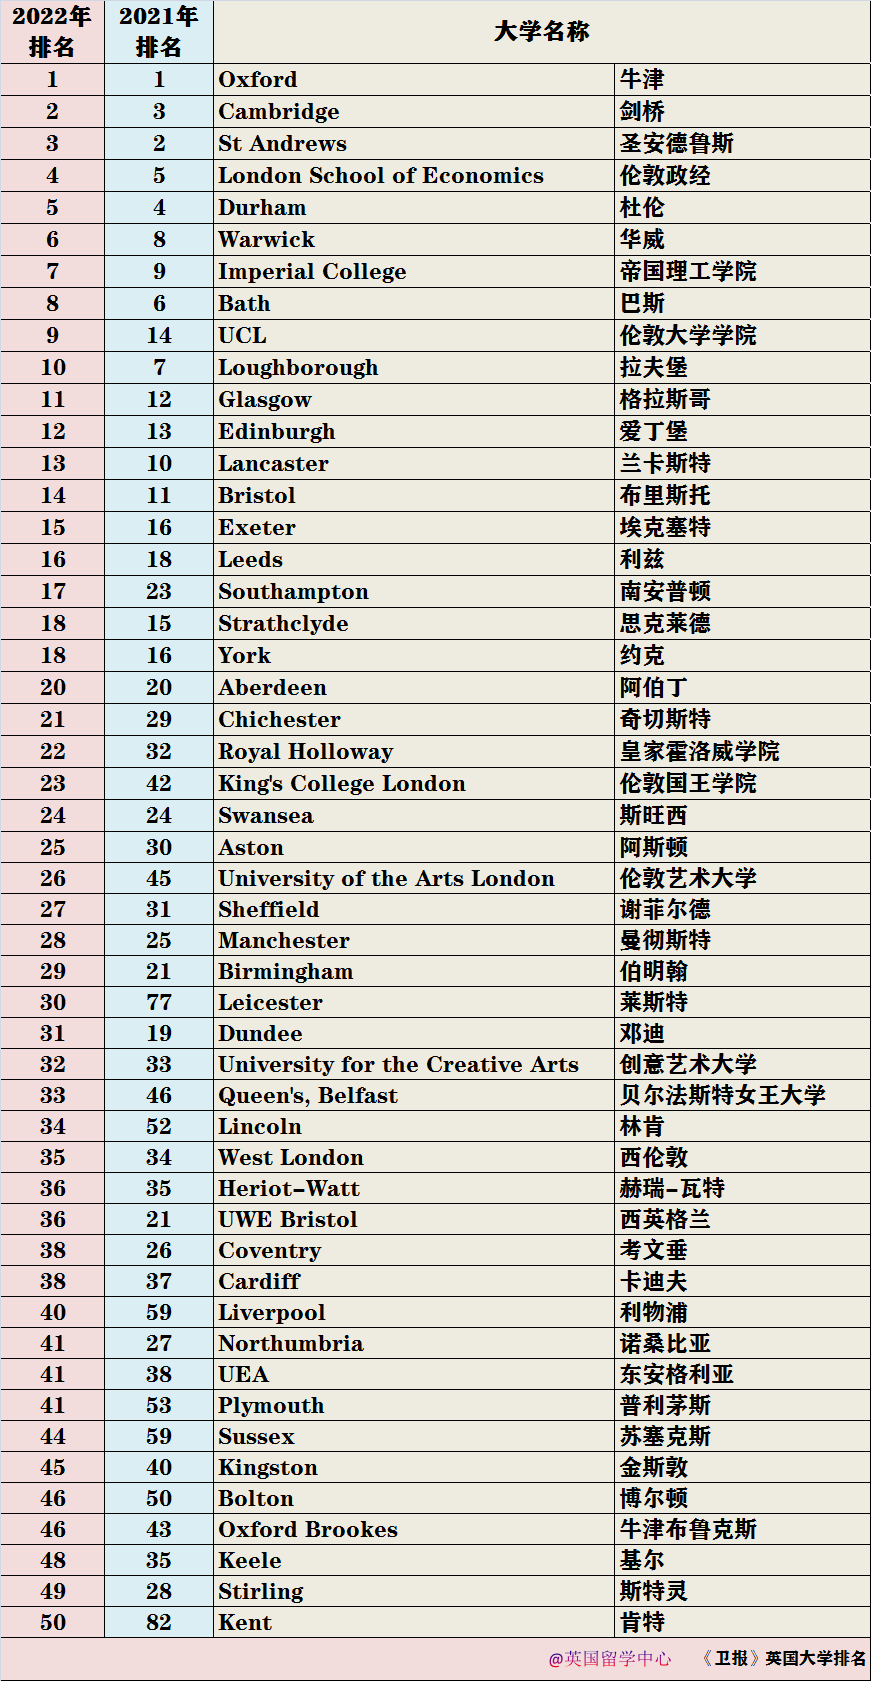 【数据】2022年《卫报》英国大学排名 -- 哪些同学可适当作为参考?  英国留学 留学 数据 排名 第2张